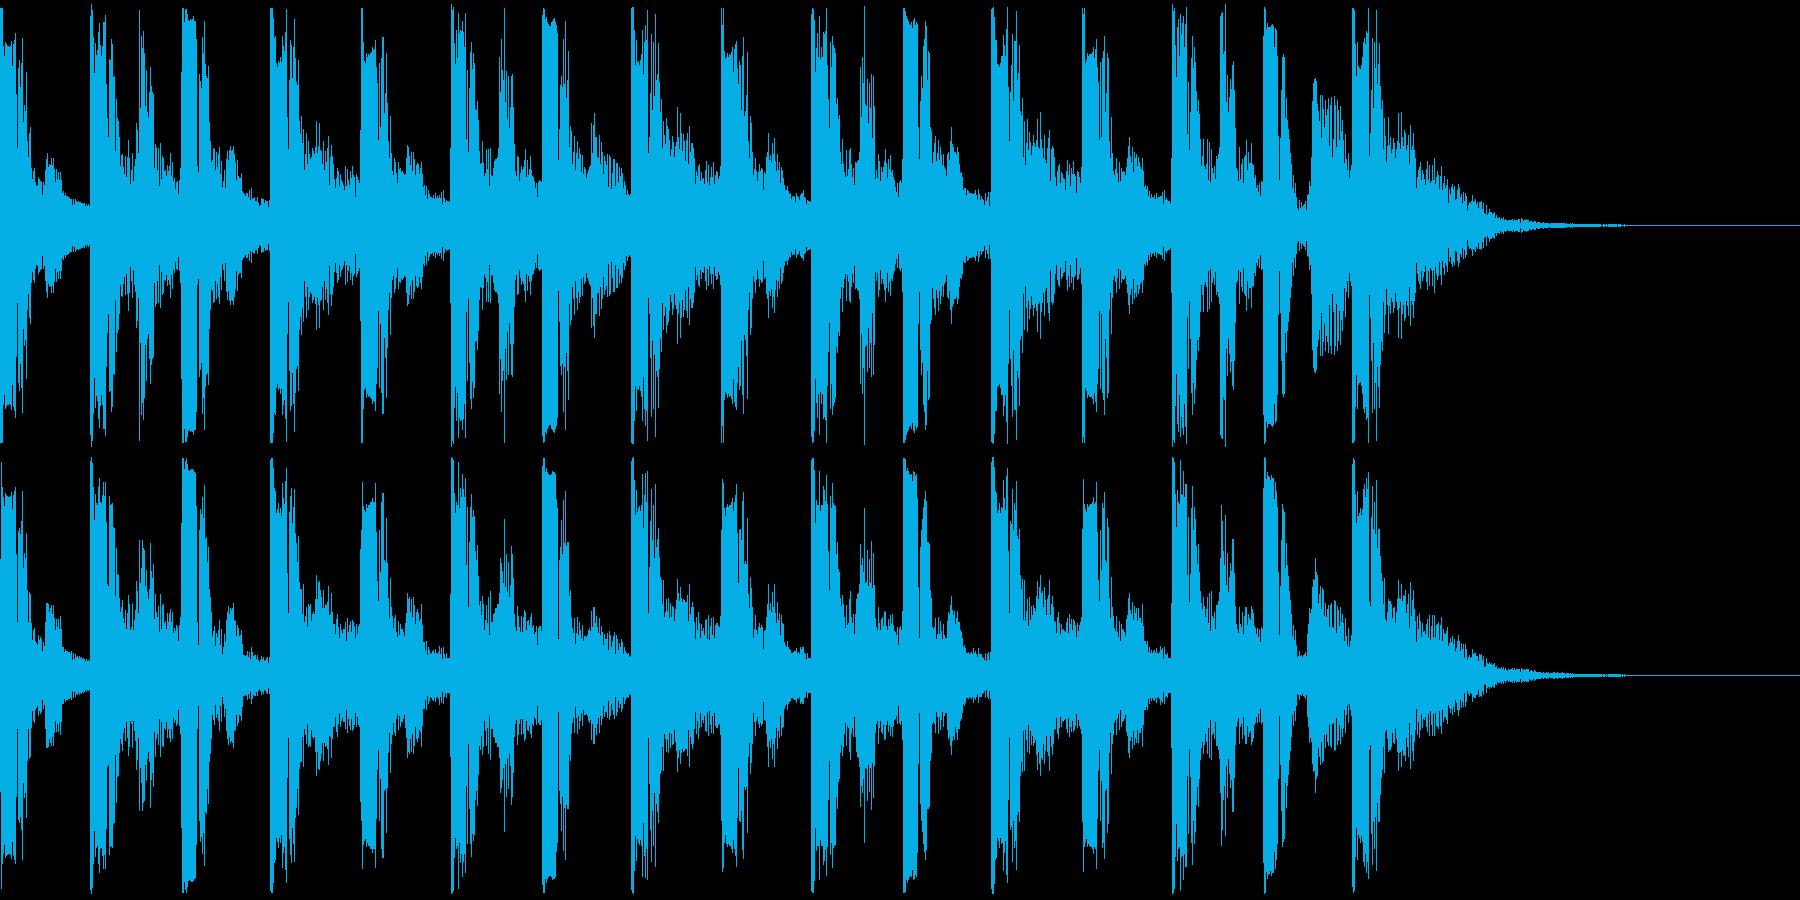 アメリカンスクール系連ドラ風ジングルの再生済みの波形